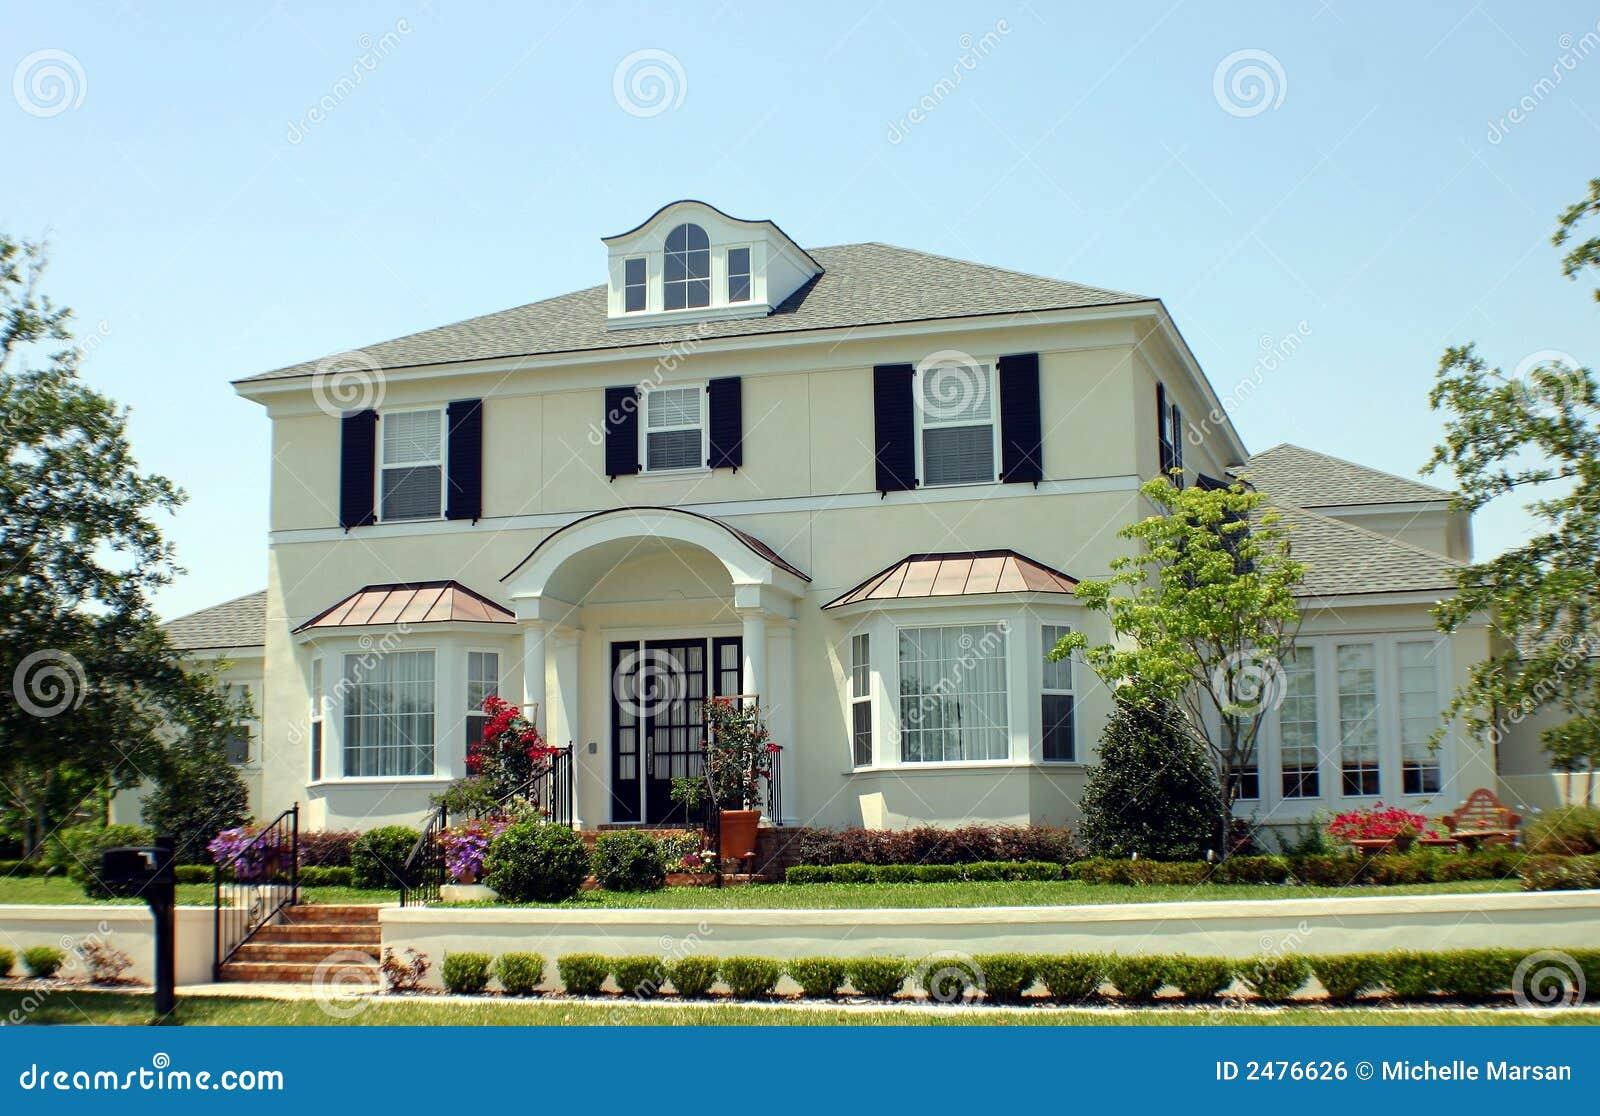 maison de r ve am ricain image libre de droits image 2476626. Black Bedroom Furniture Sets. Home Design Ideas